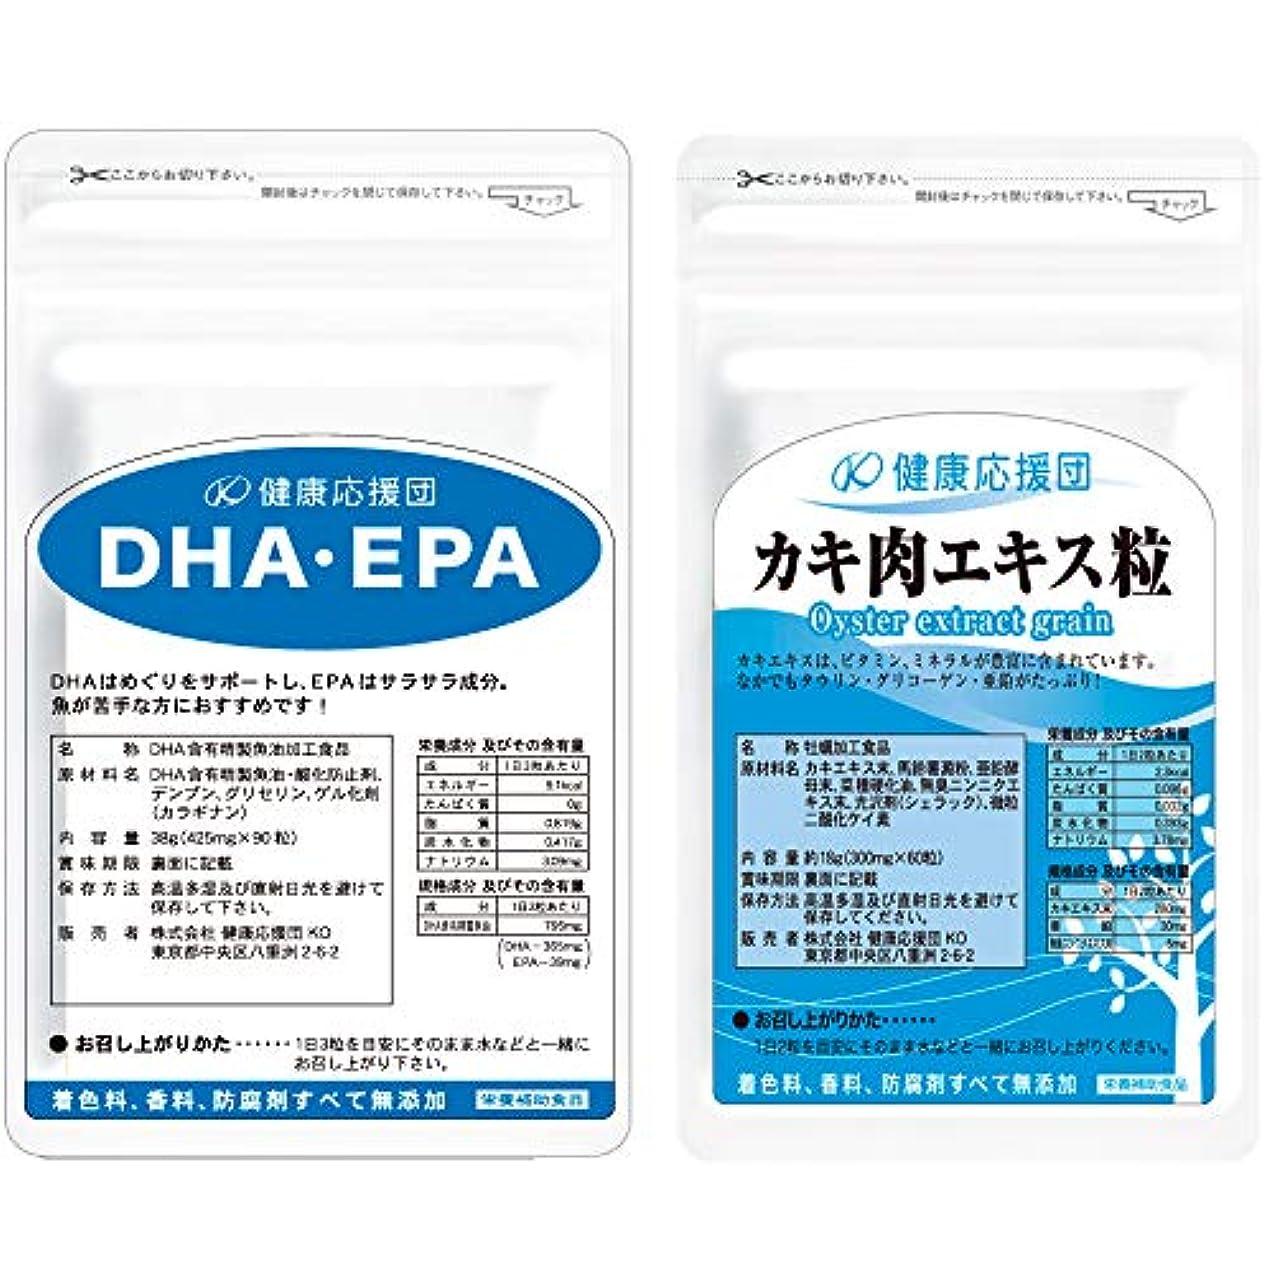 血まみれ犠牲エロチック【DHA?EPA】&【濃縮牡蠣エキス粒】 肝臓の応援セット!肝臓の数値が高めの方にお勧め!